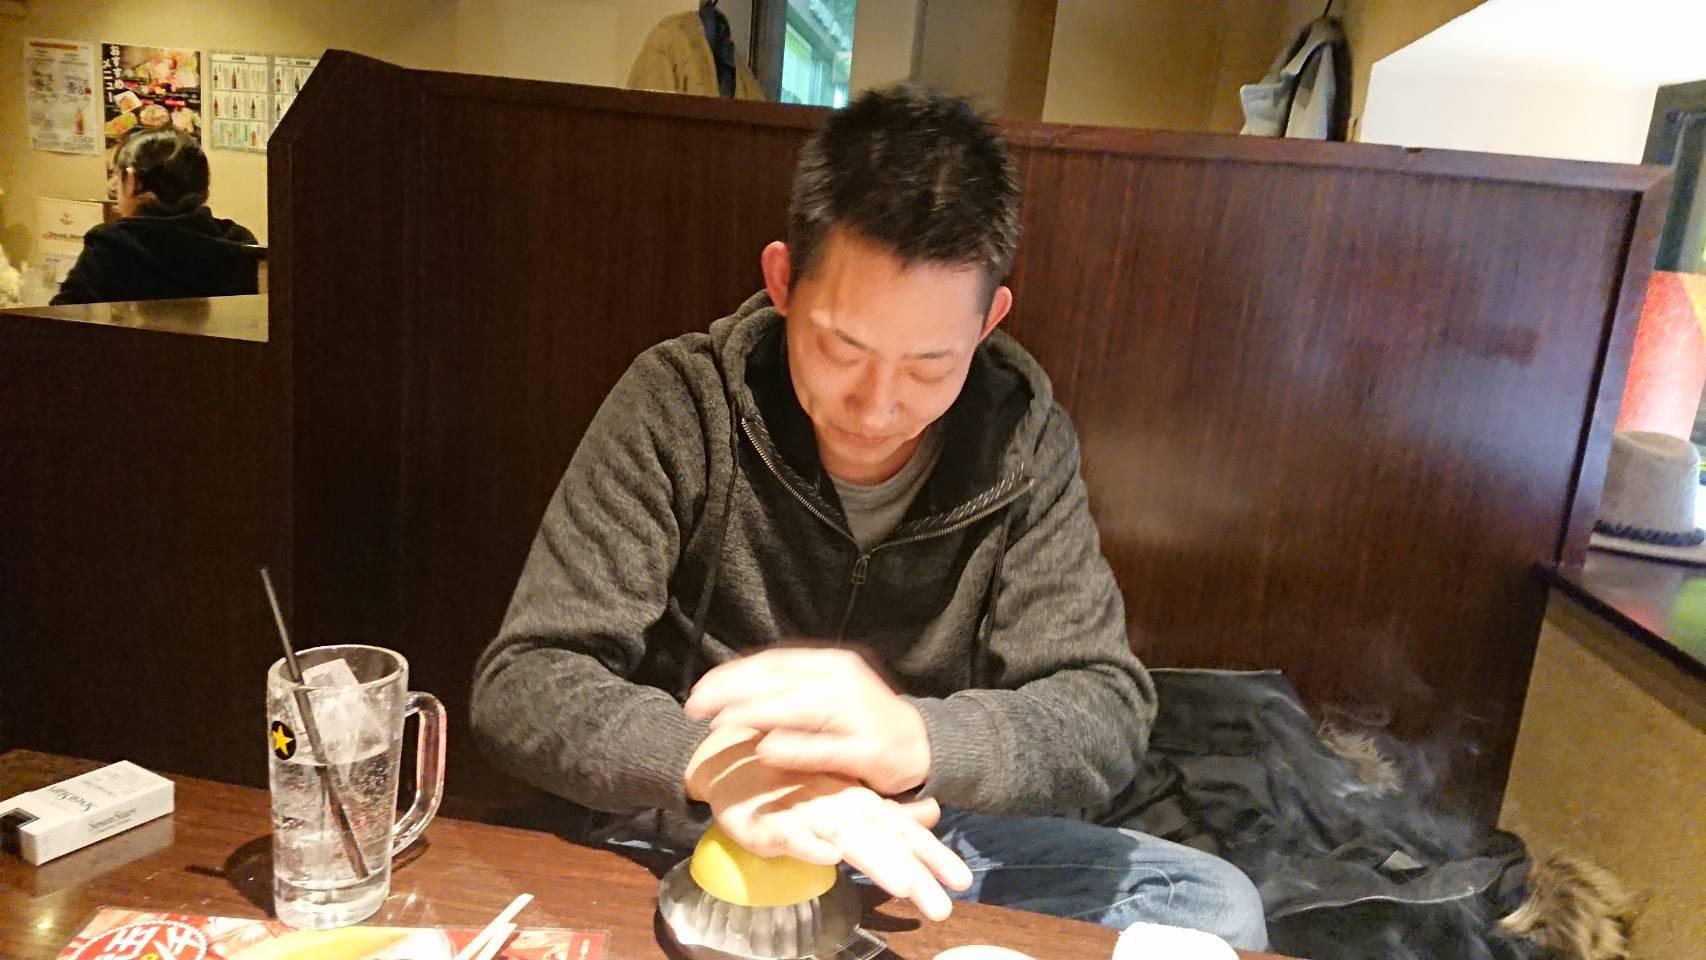 2月13日(火)☆TOMMYアウトレット☆あゆブログ(*˘︶˘*) H様マークX陸送引取☆道外納車も対応します♪_b0127002_17232723.jpg